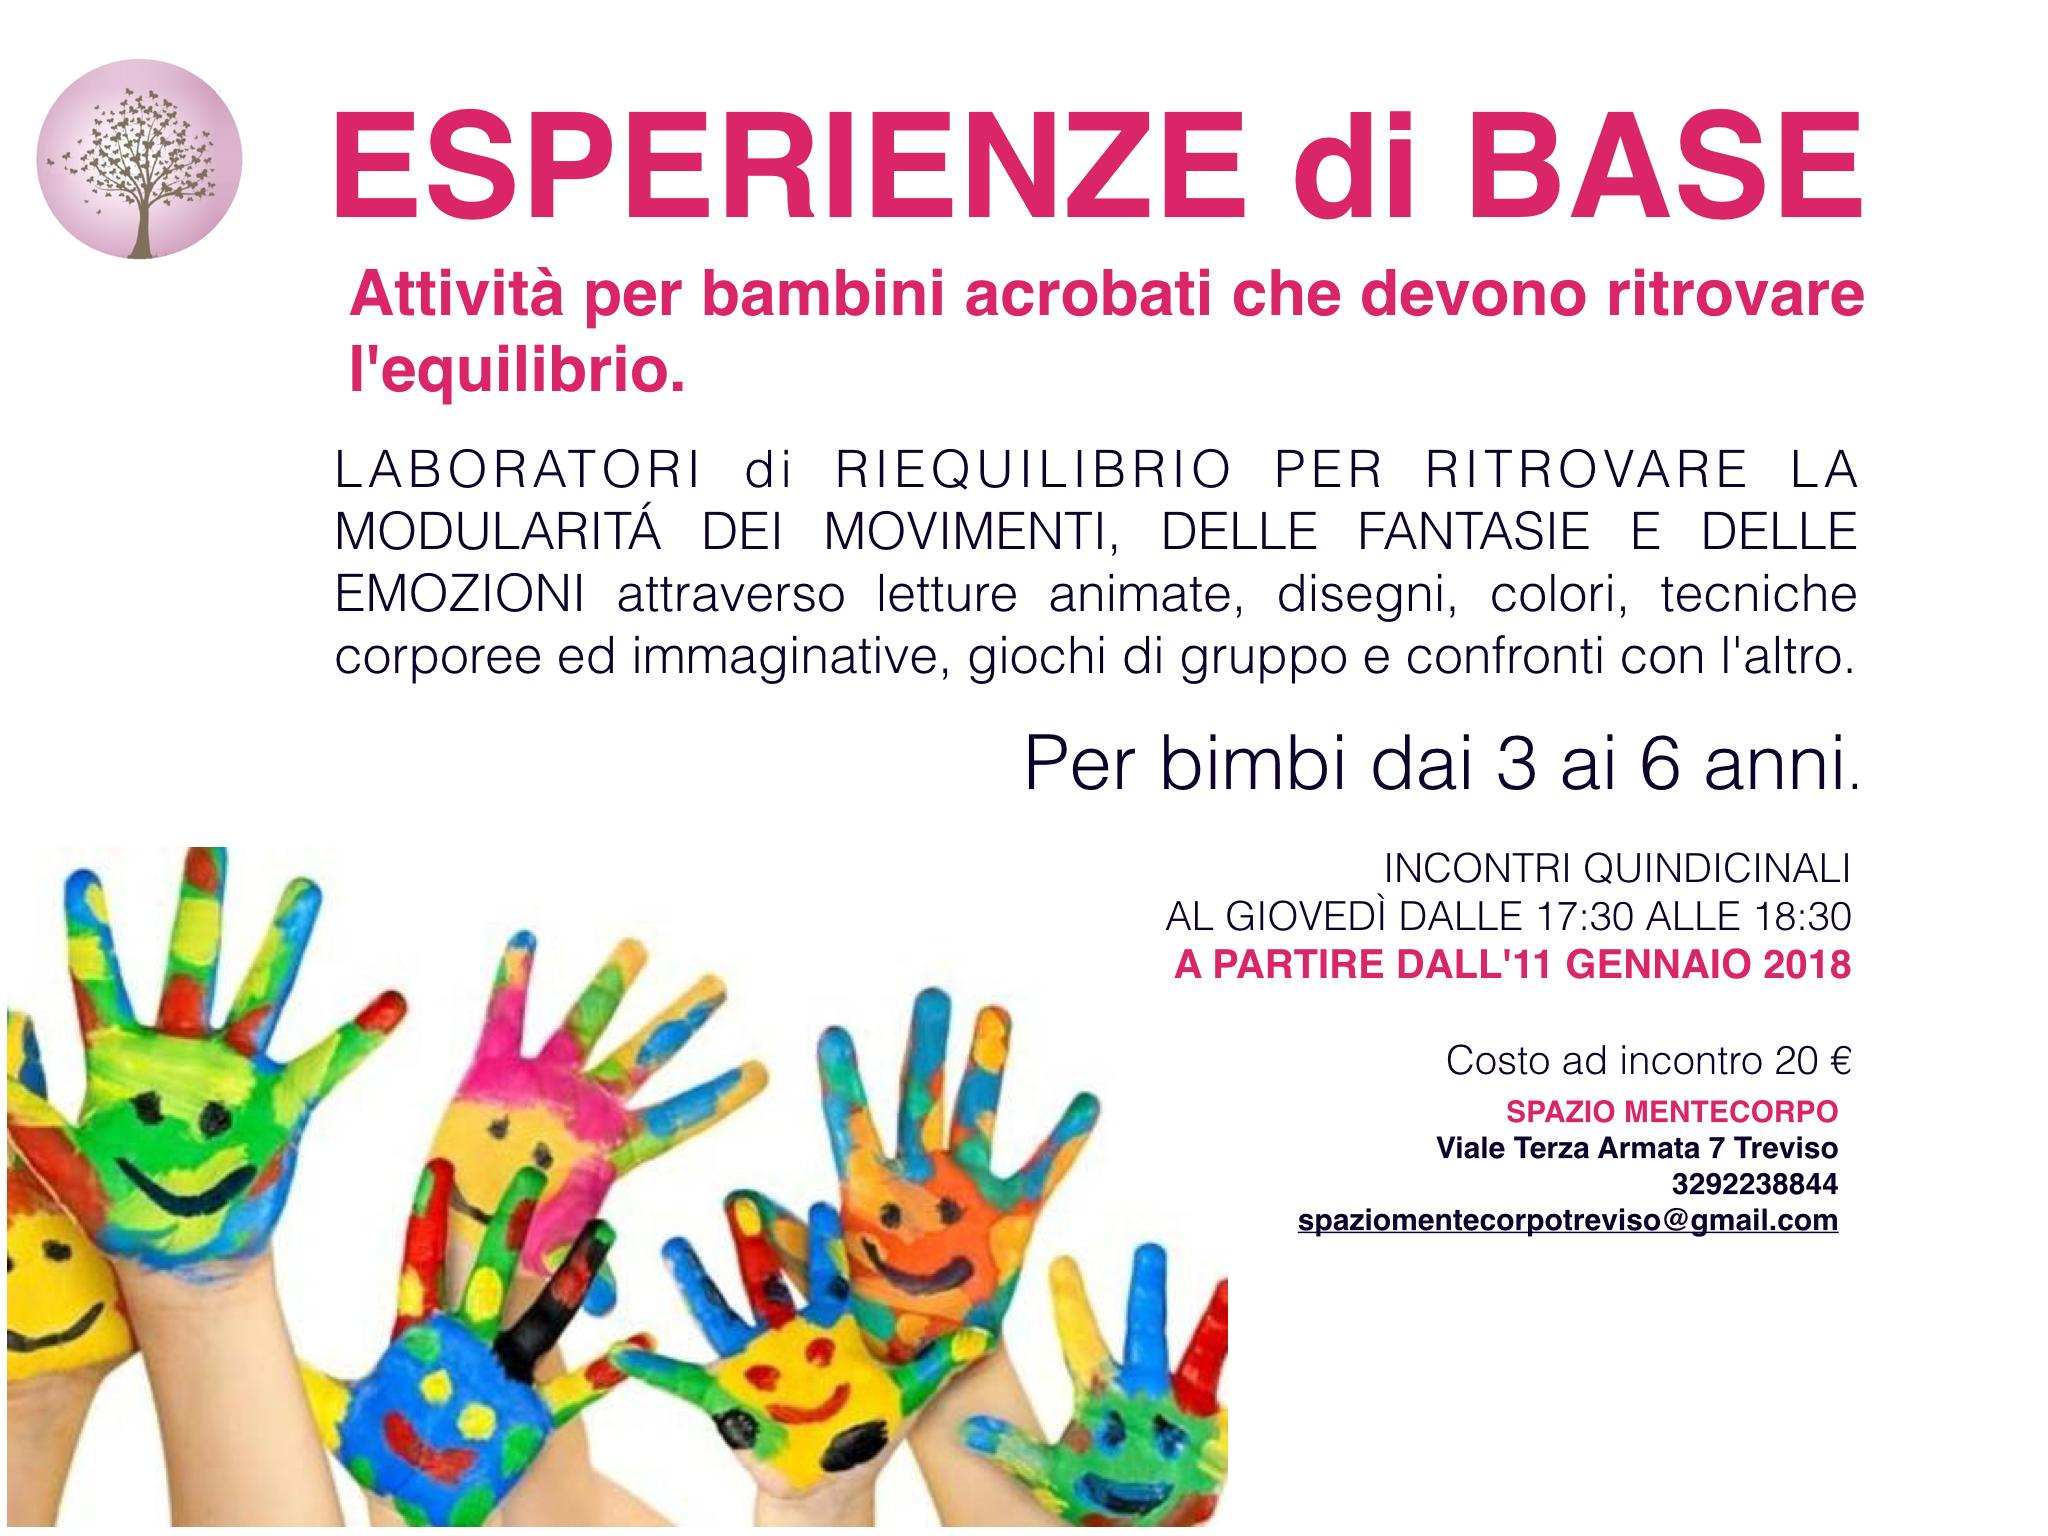 ESPERIENZE DI BASE Treviso